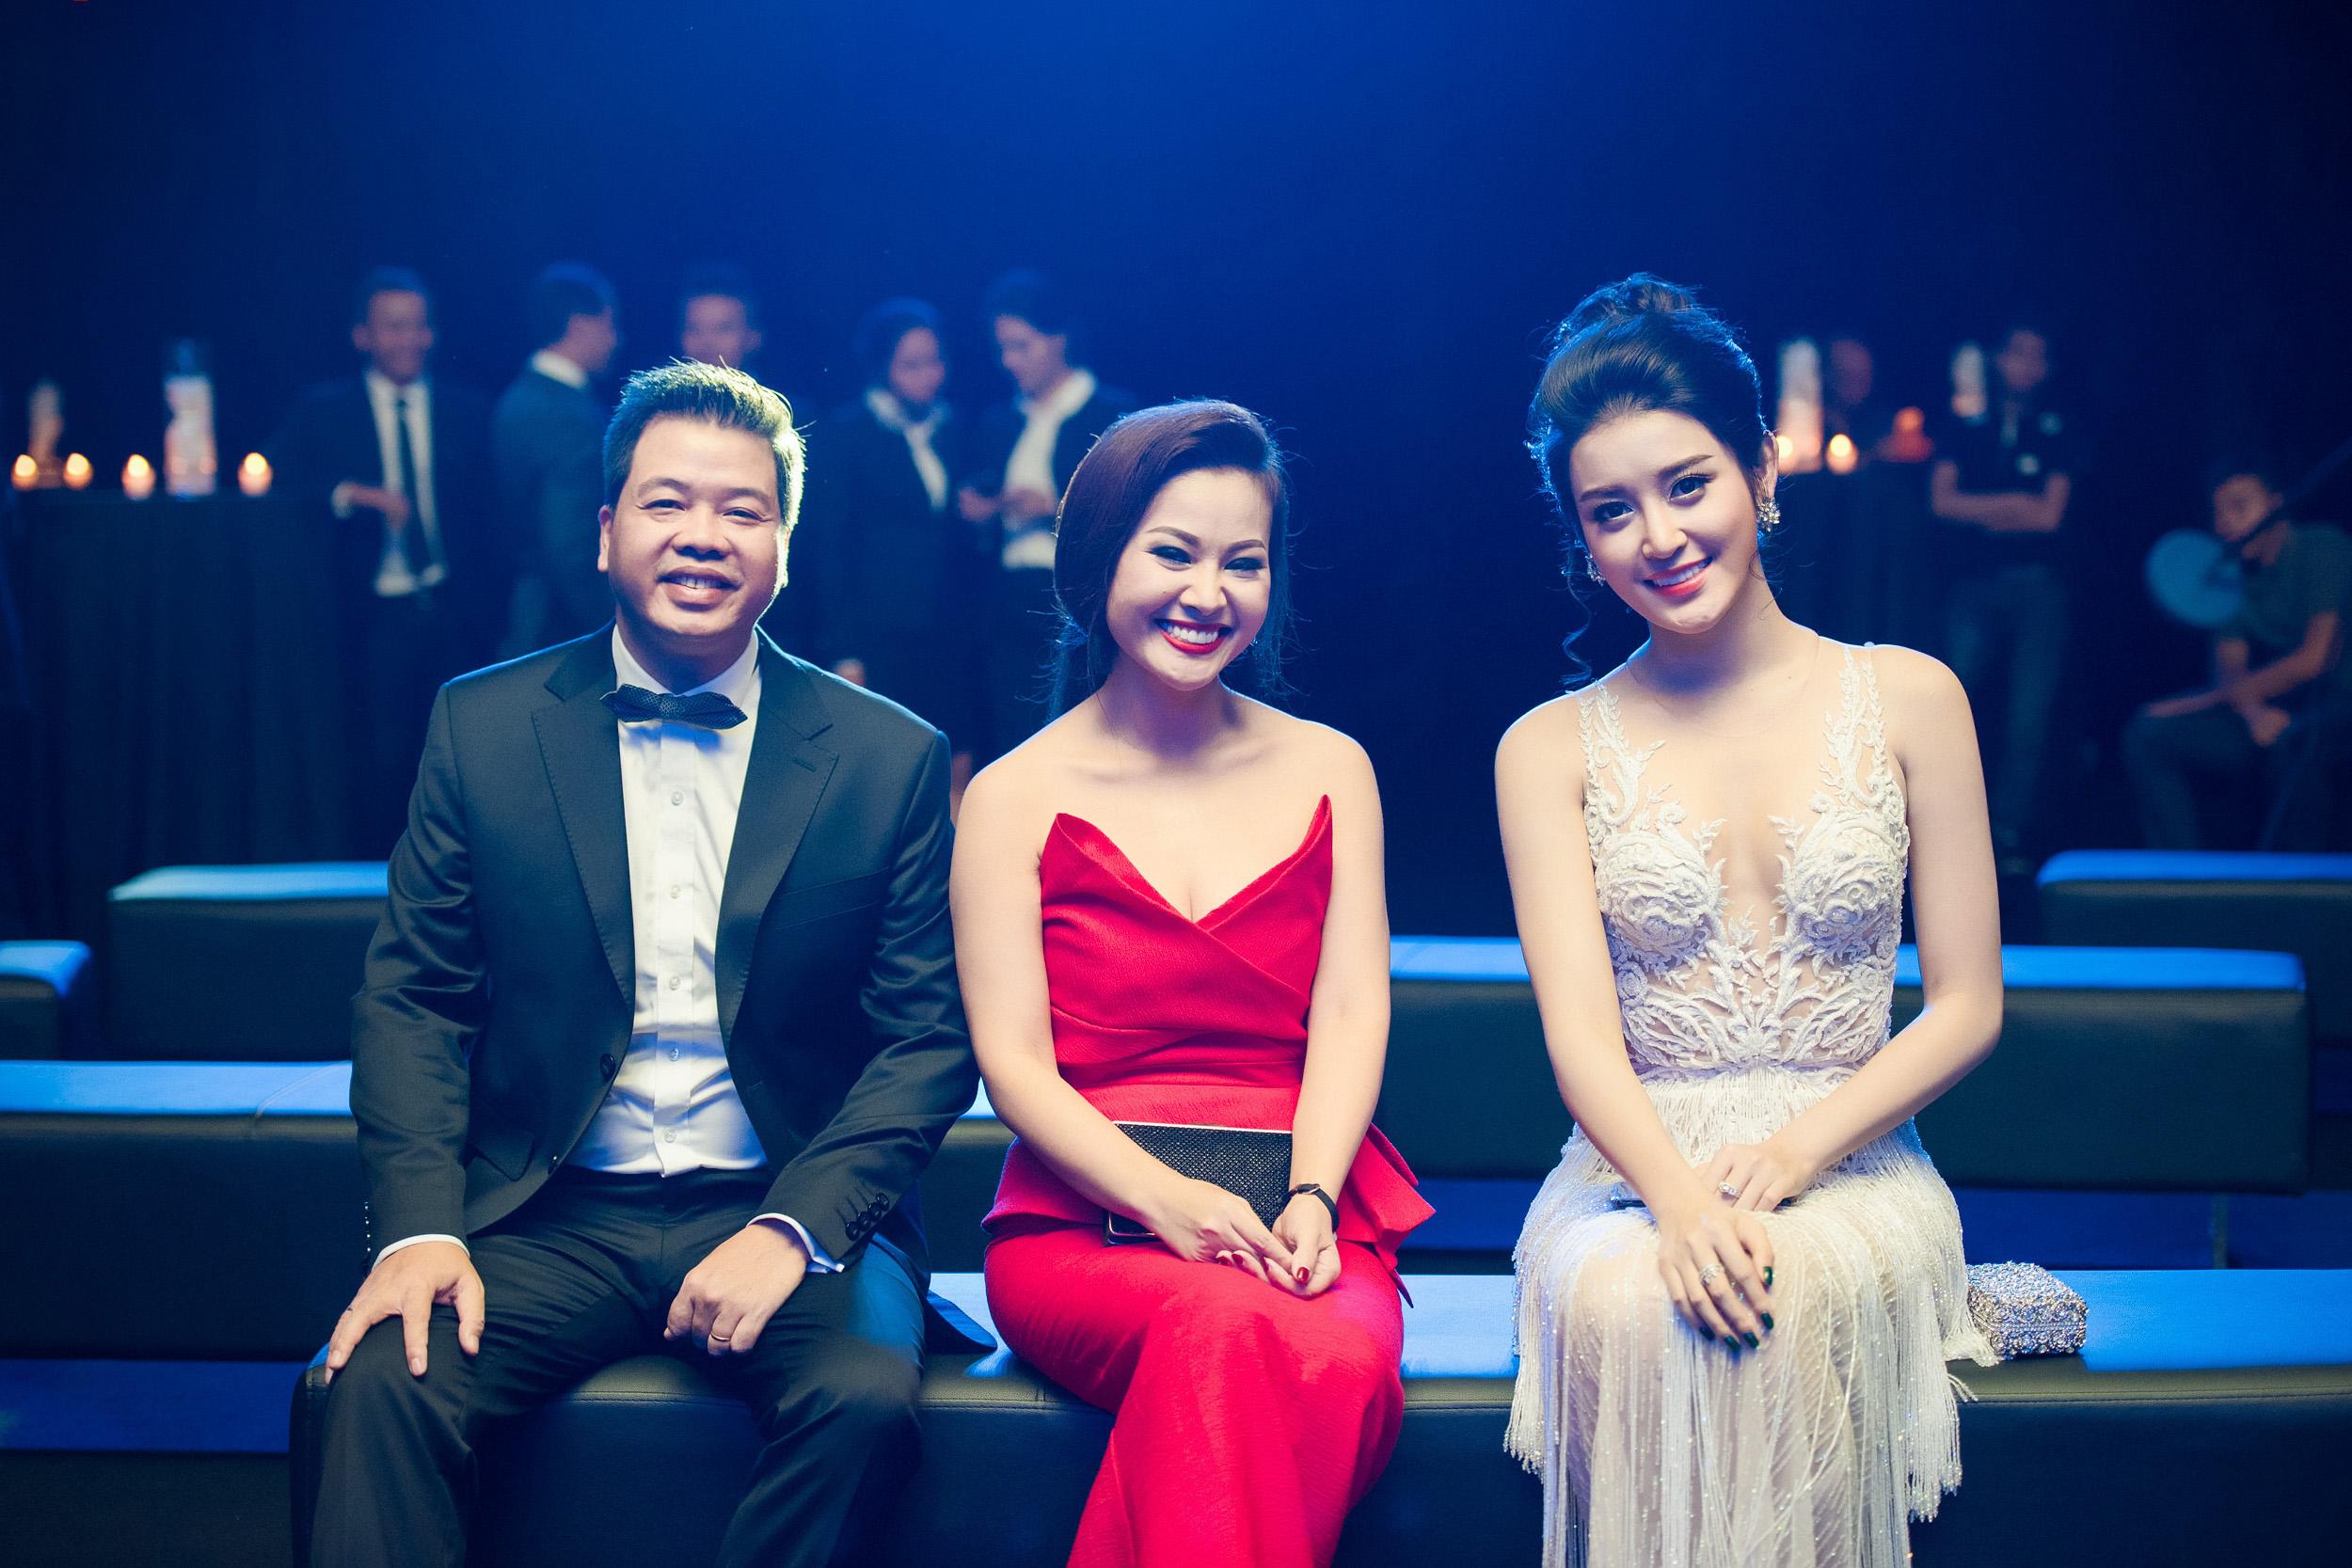 Ngắm nhan sắc người vợ xinh đẹp của 3 ngôi sao nhạc đỏ đình đám 9